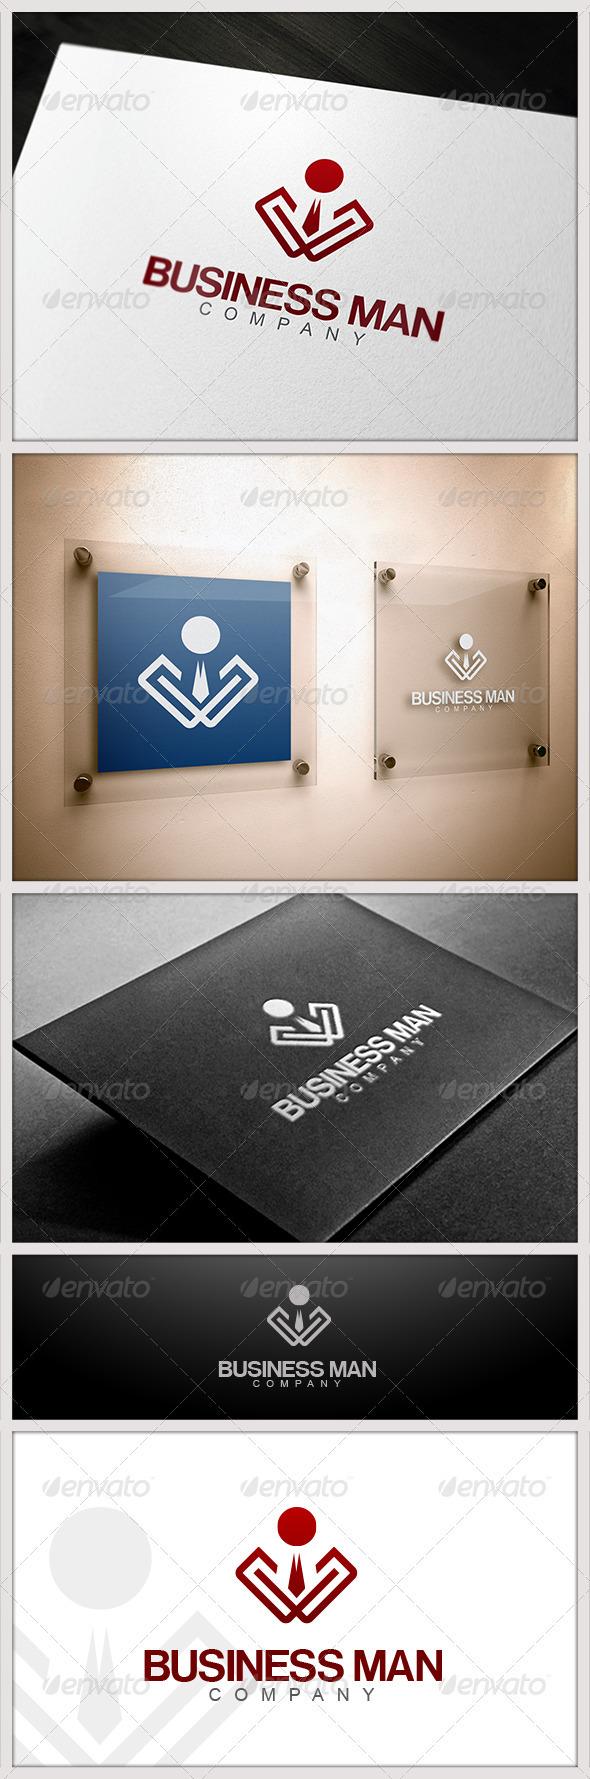 GraphicRiver Business Man Logo 3650339